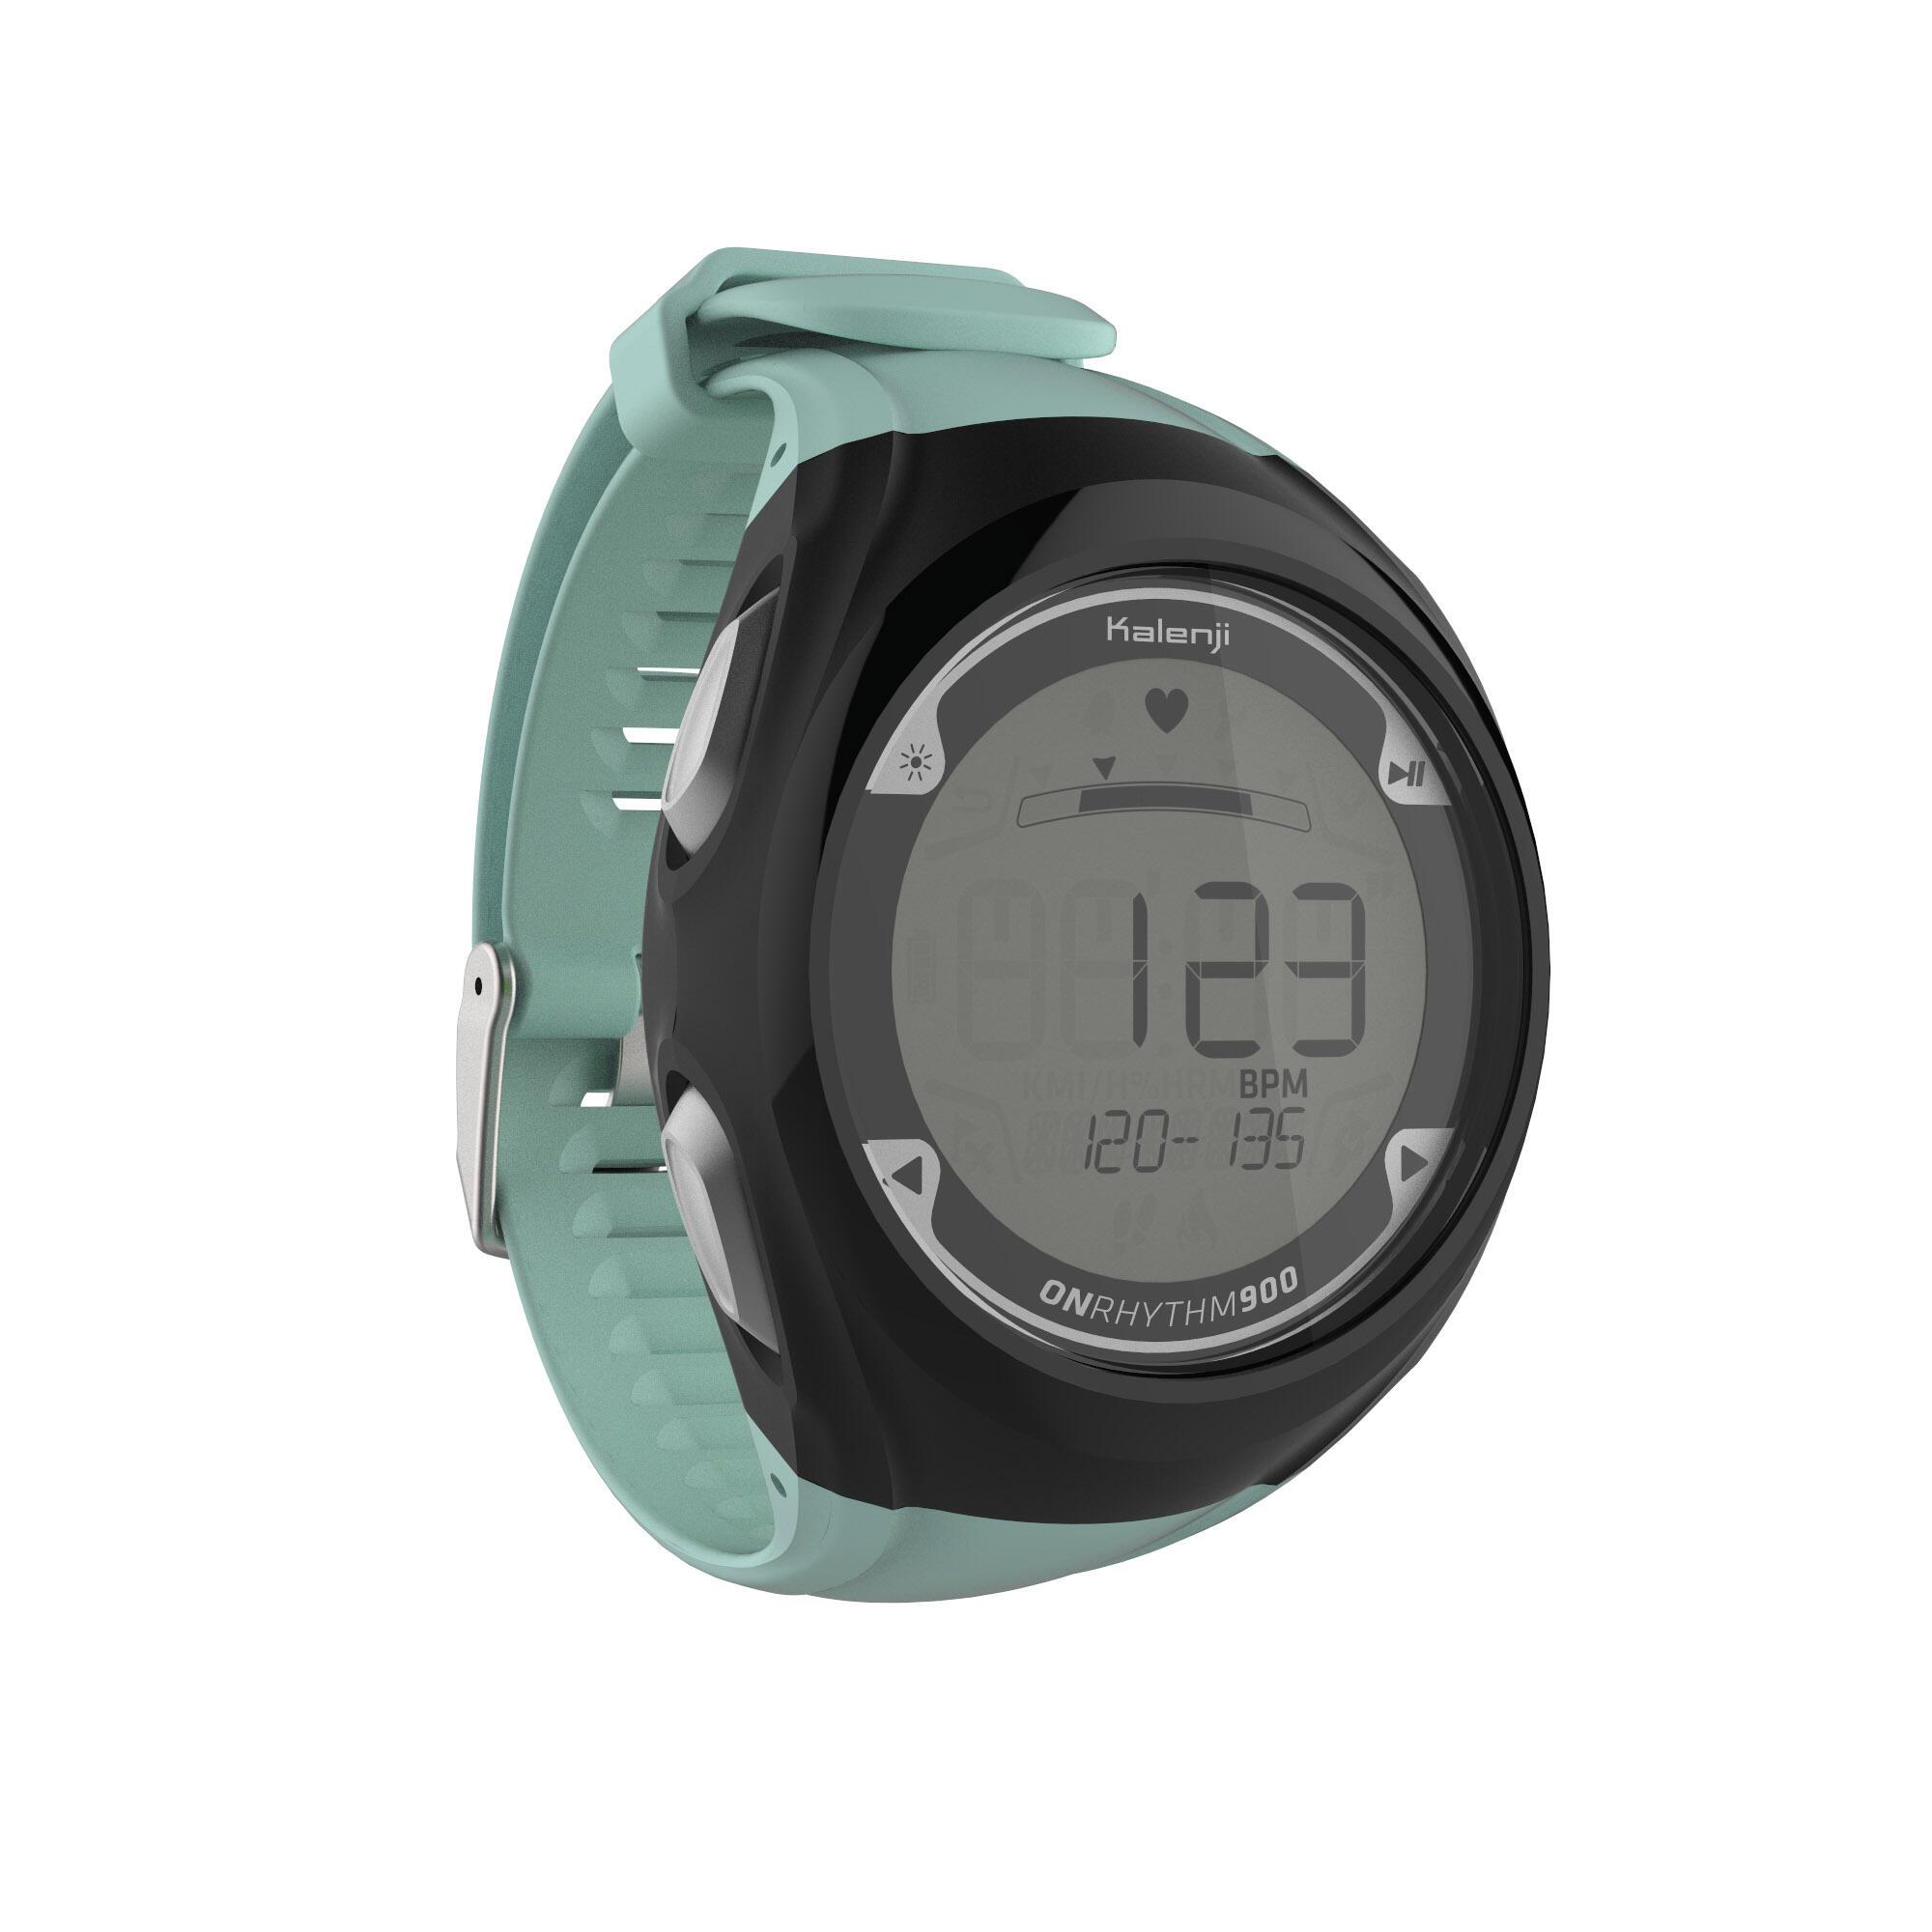 Kalenji Horloge met polshartslagmeter voor hardlopen ONrhythm 900 thumbnail